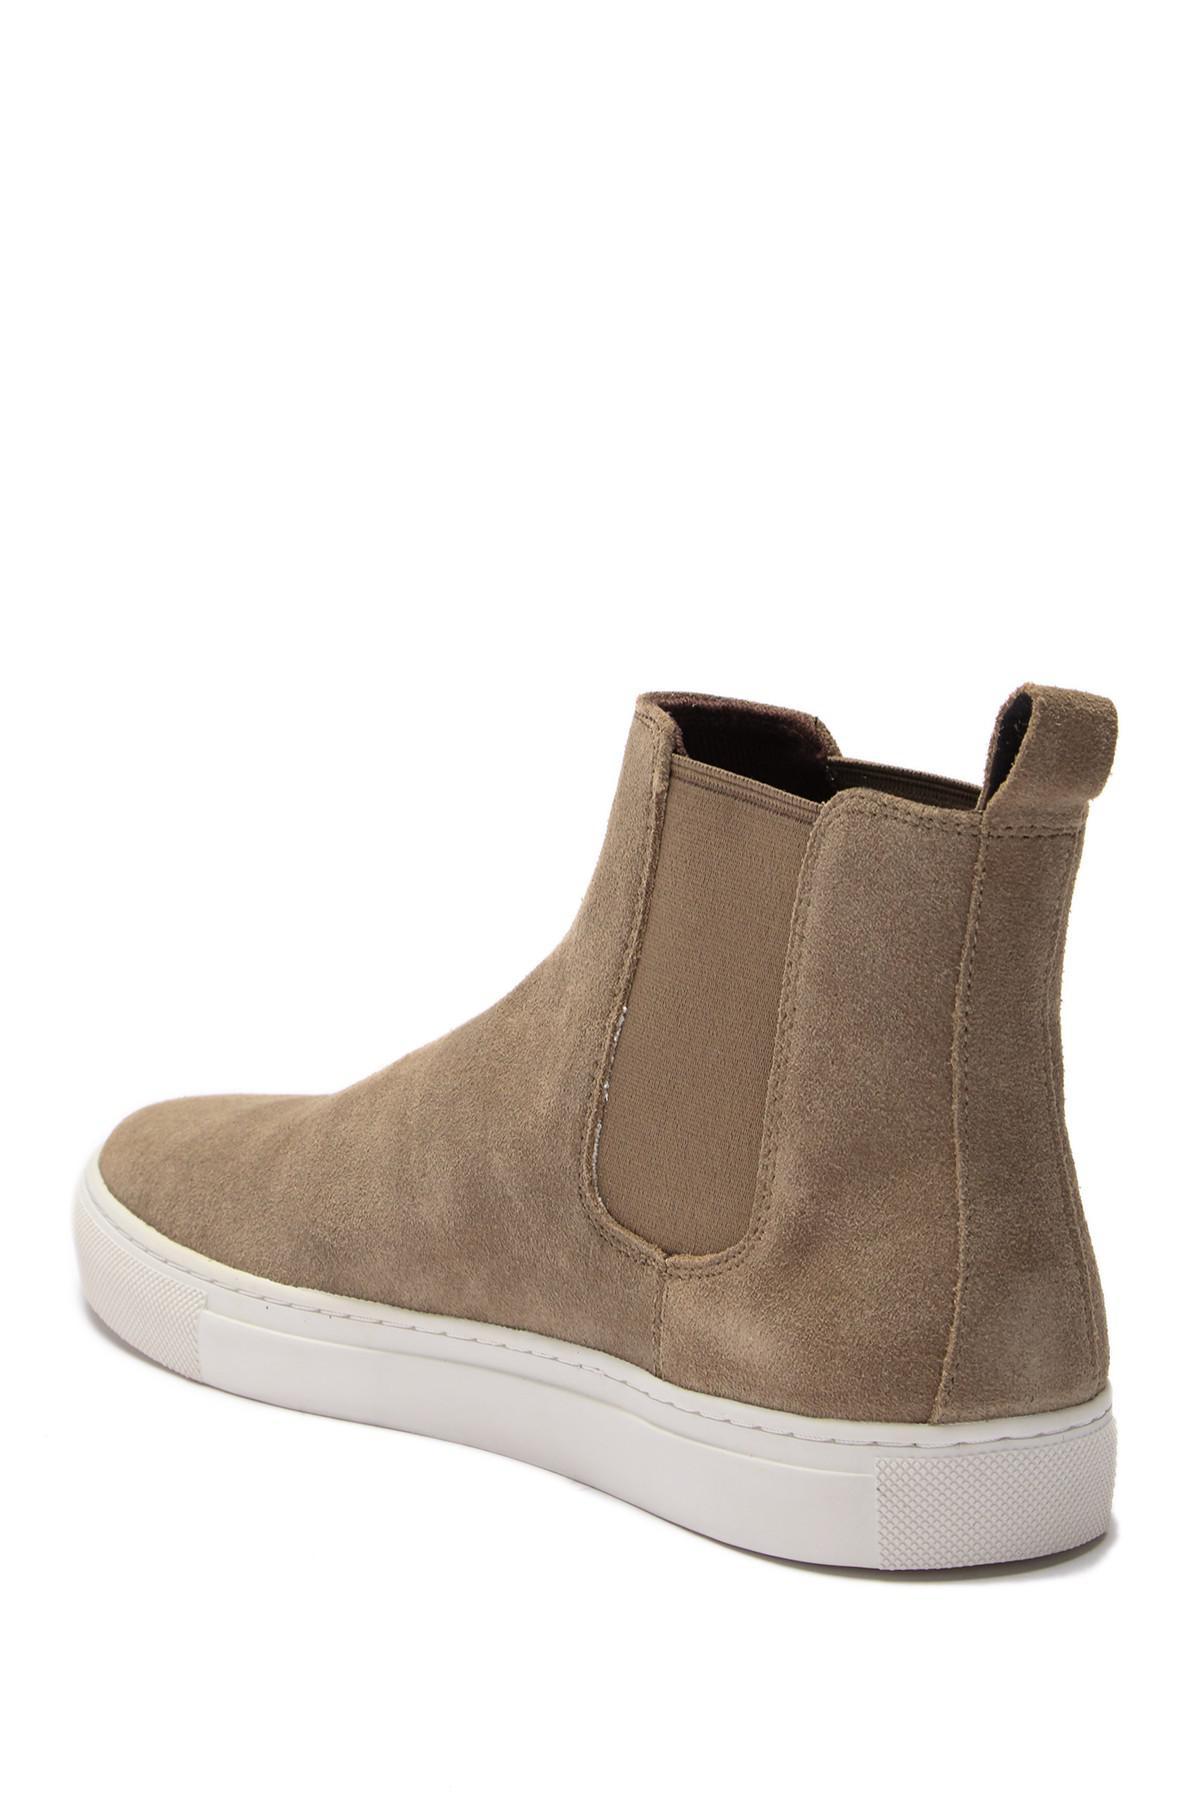 7f0d453eaf2 Lyst gordon rush rasmussen chukka sneaker in brown for men jpg 1200x1800 Gordon  rush chukka